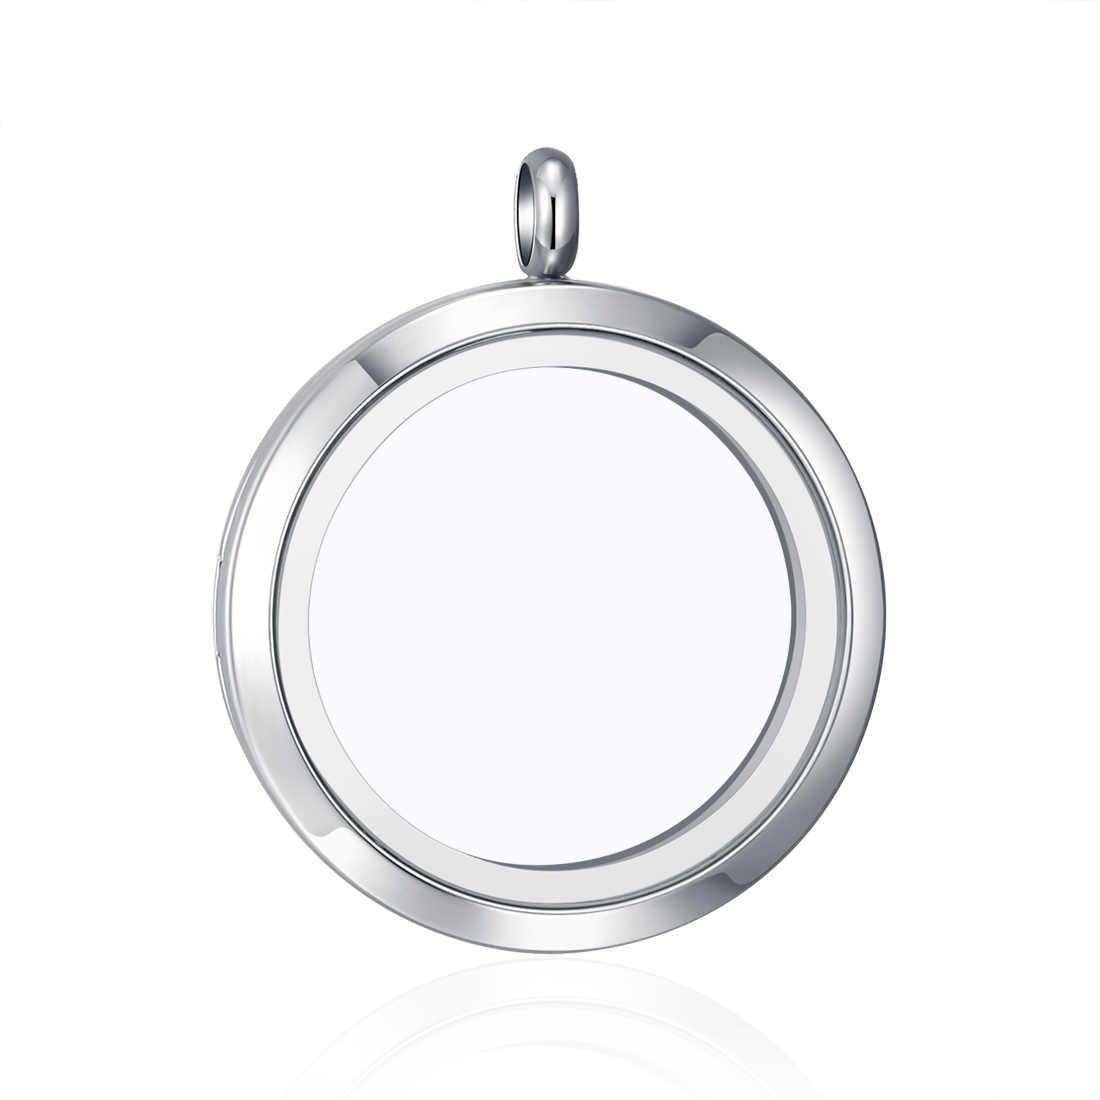 10 шт. 316L нержавеющая сталь 25 мм 30 мм 38 мм магнитный простой стеклянный медальон для ожерелья пользовательские Плавающие Подвески Keepsaking Рождественский подарок